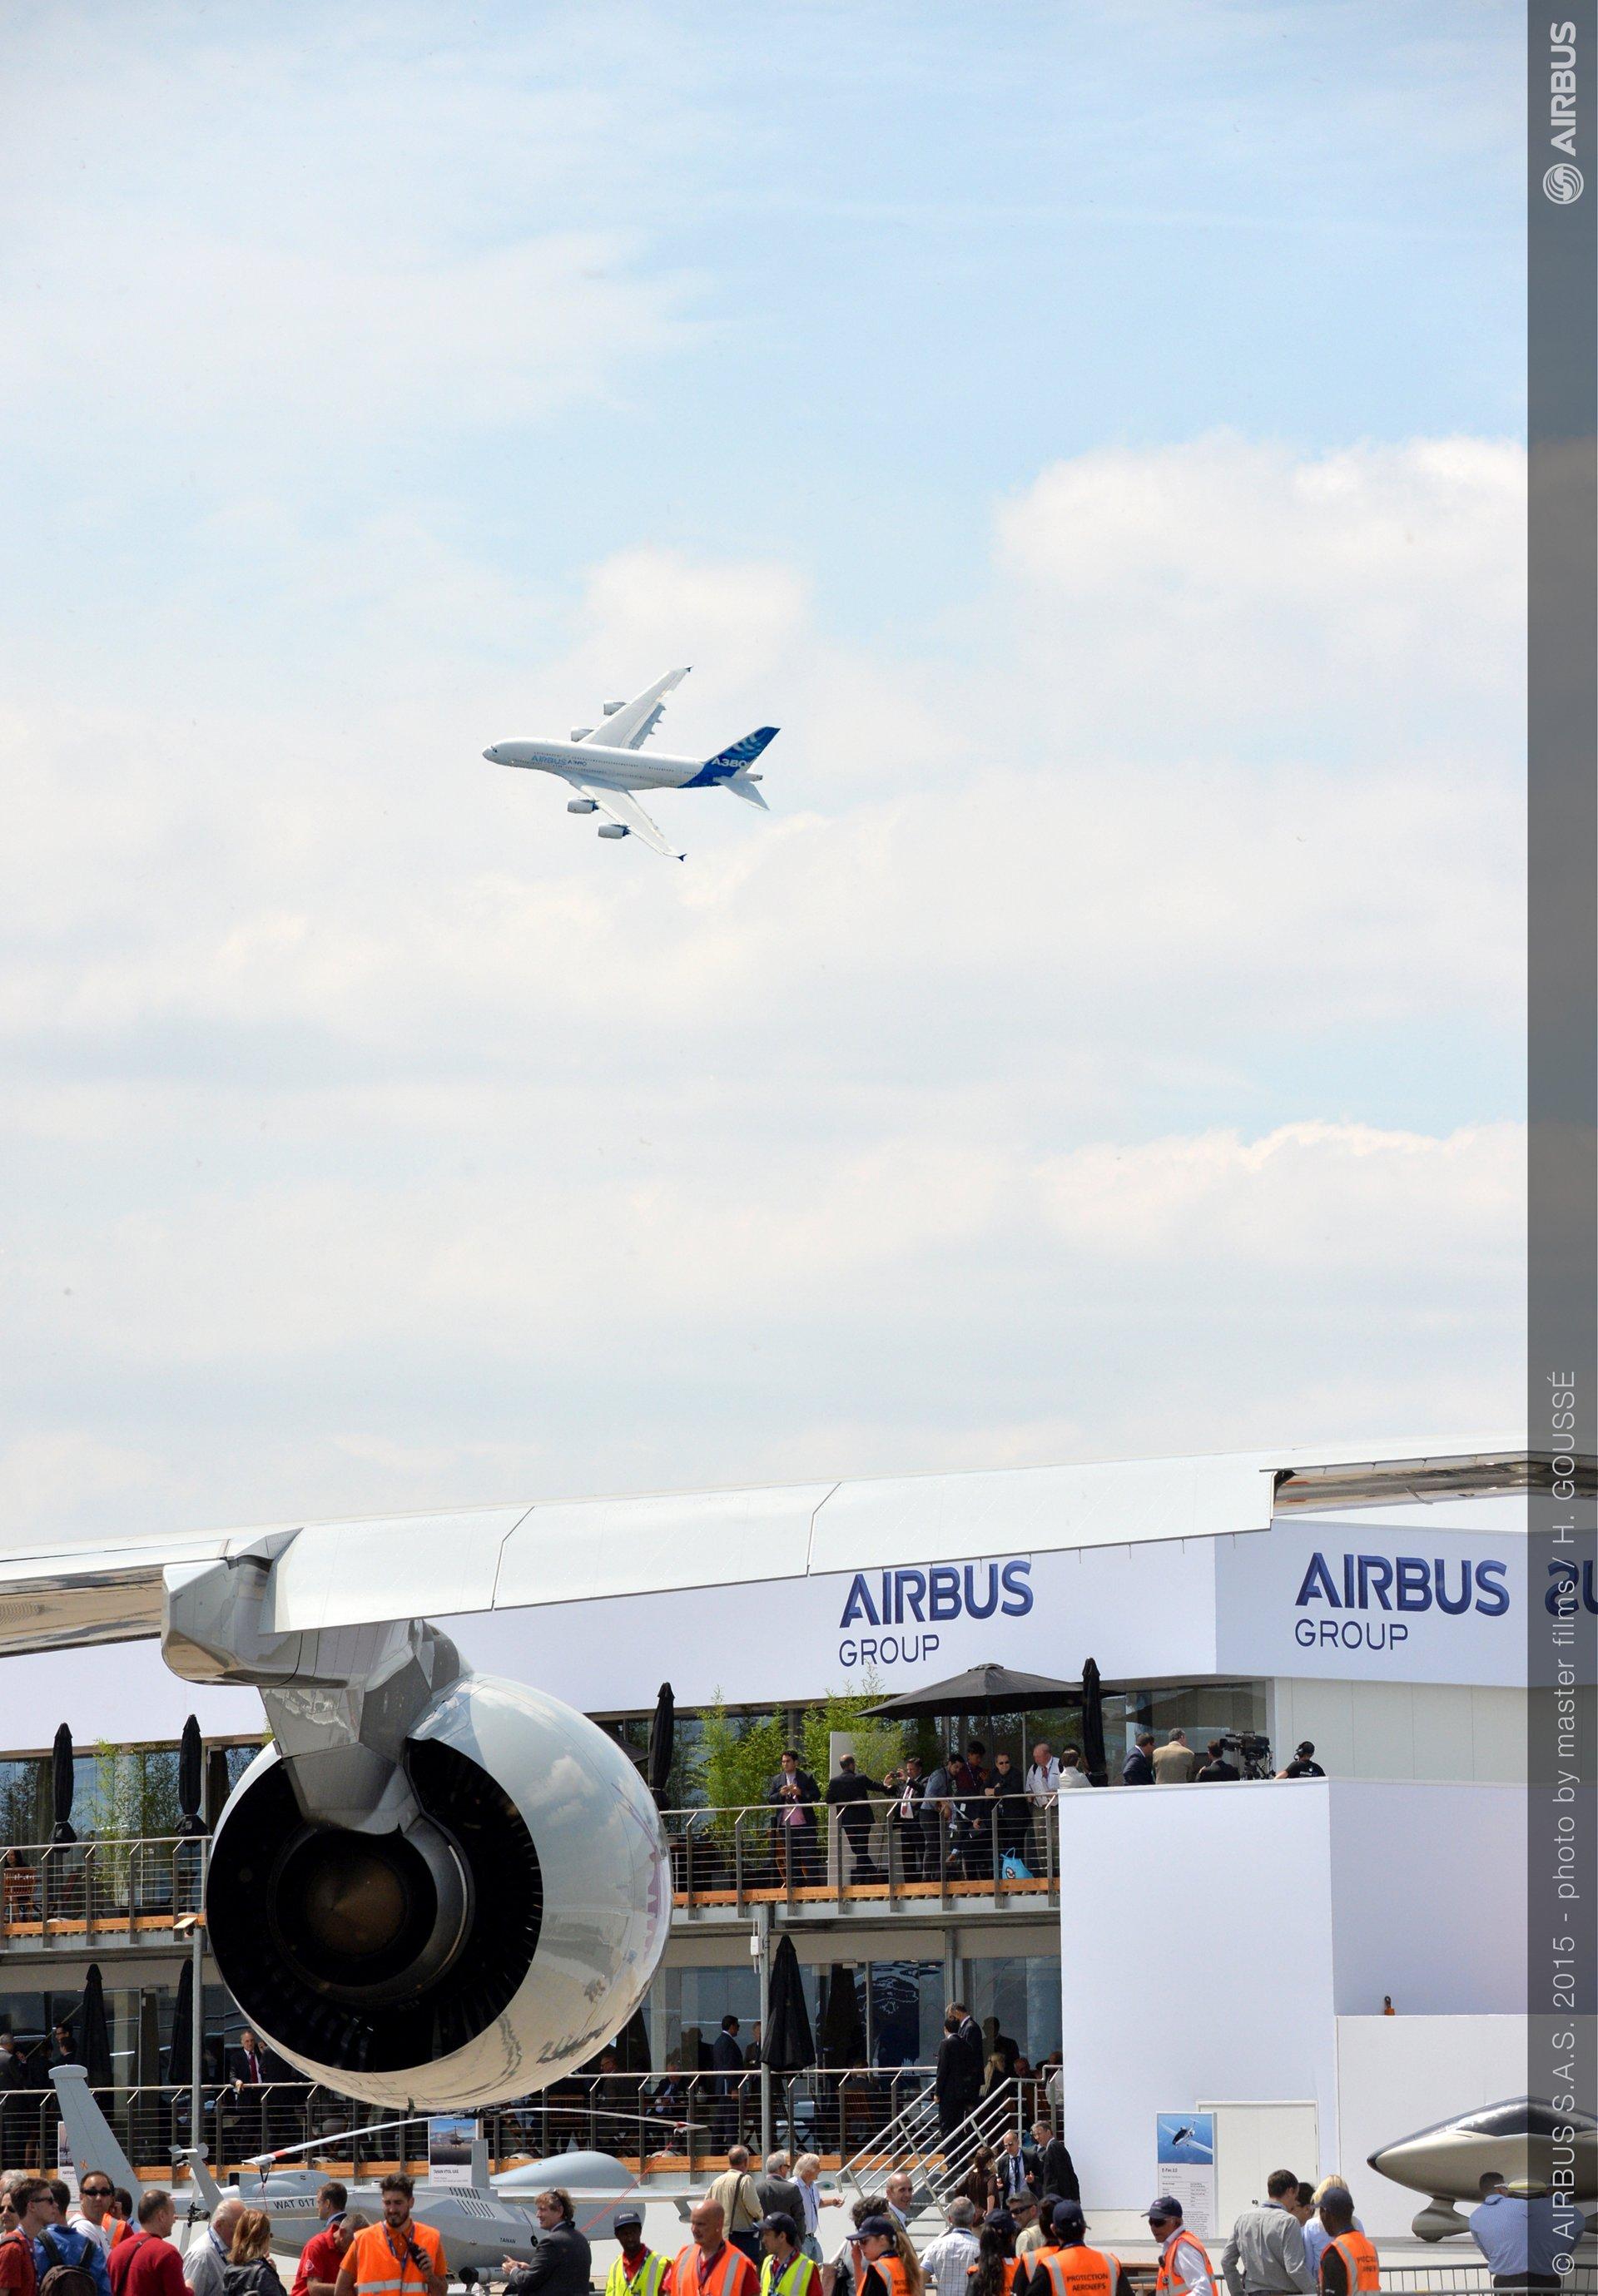 PAS 2015 day 2 demo flight A380